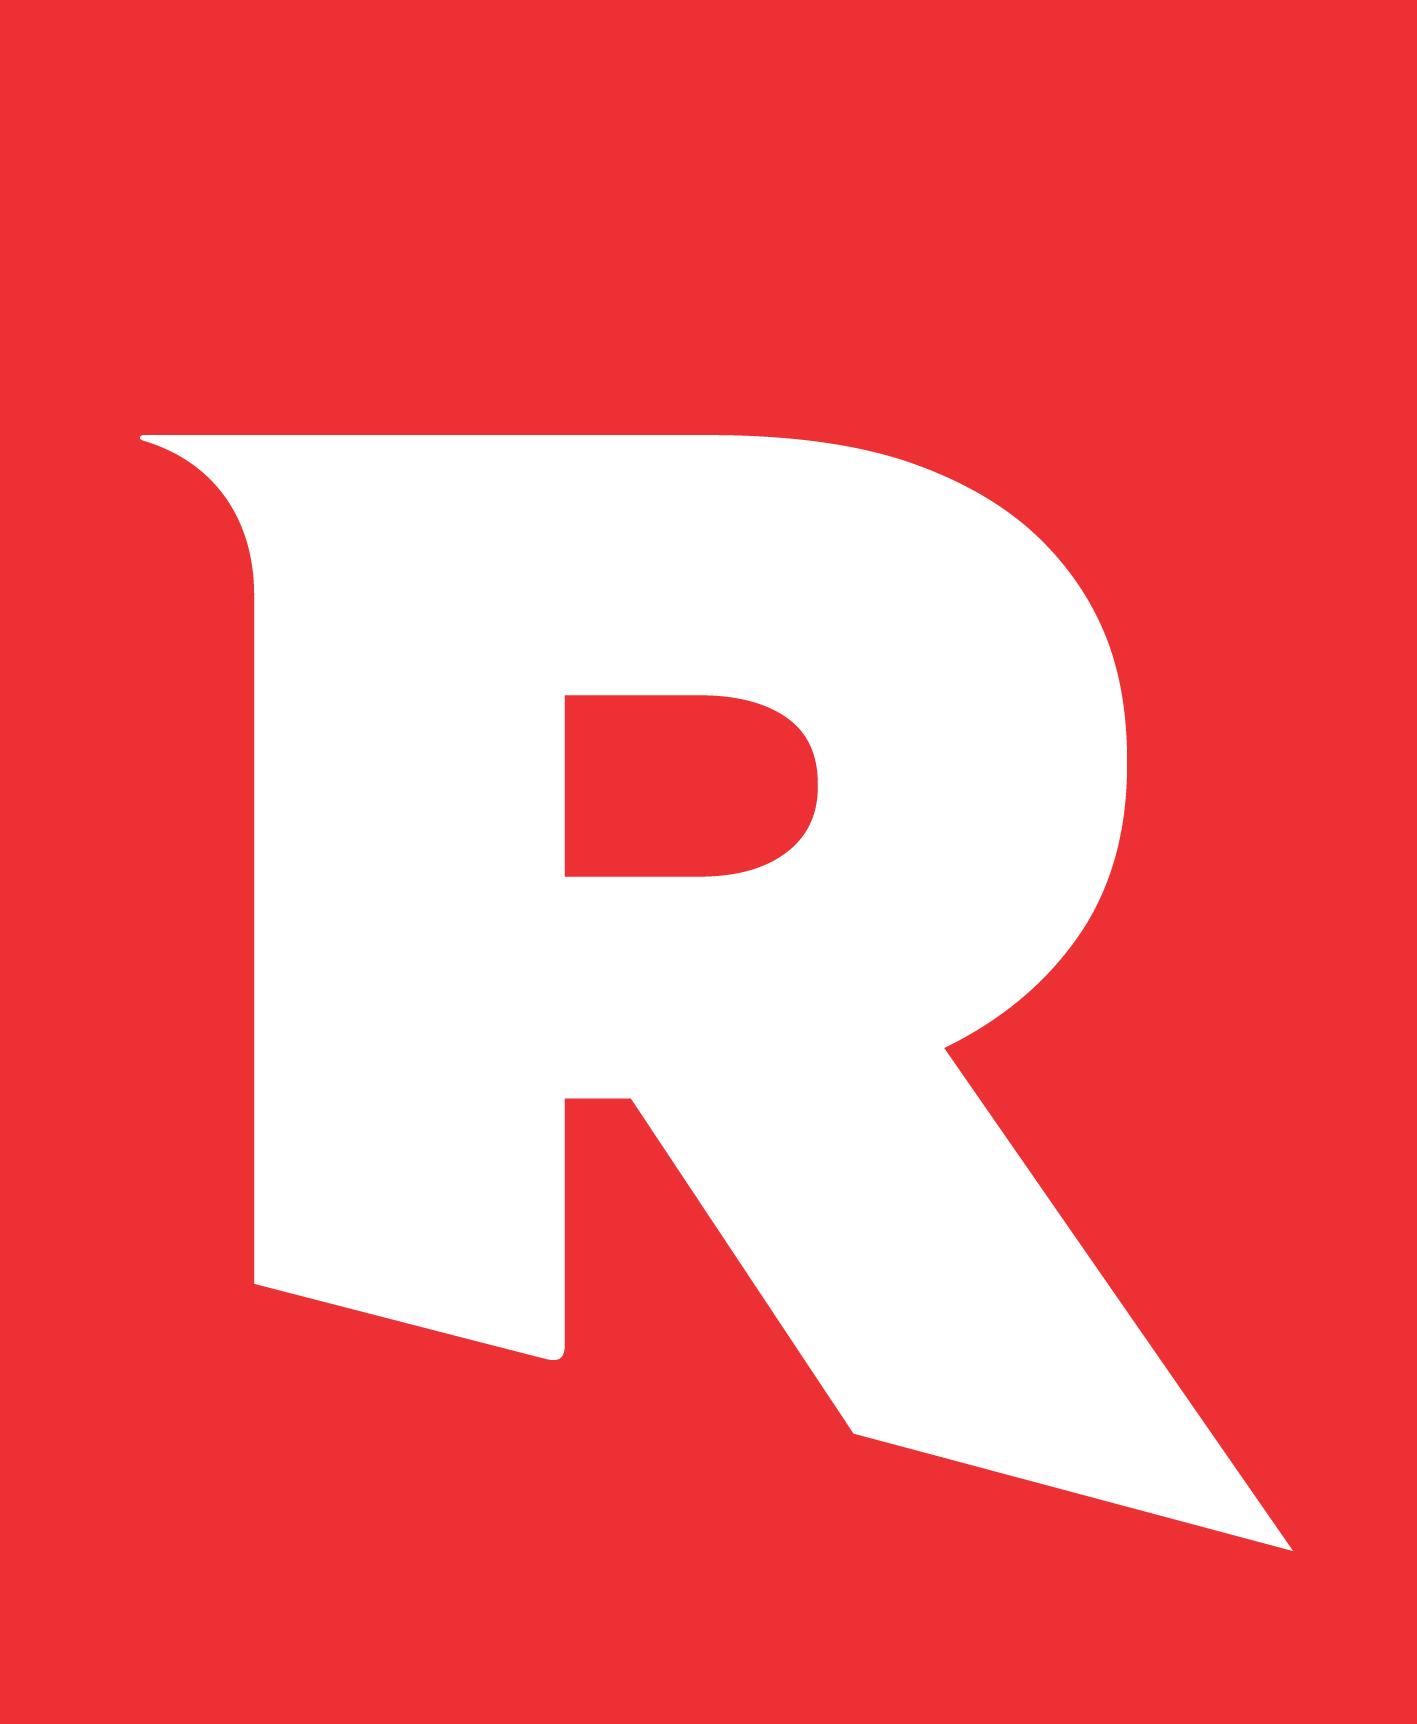 Redz.tv ǀ buro voor animaties & andere digitale creaties